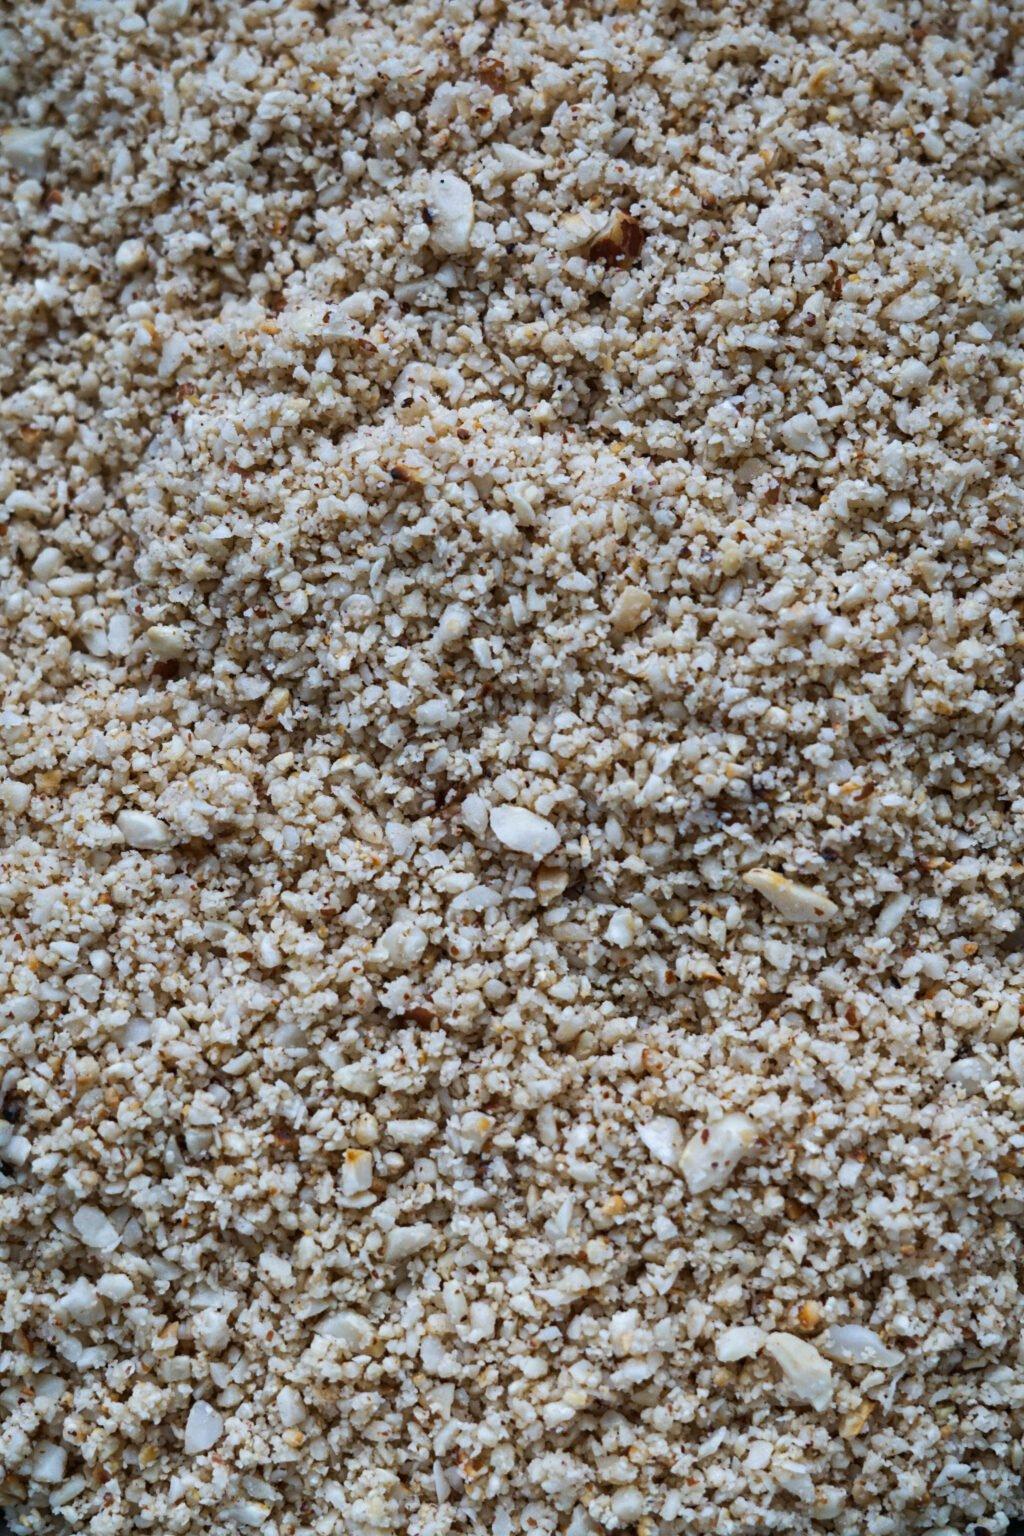 Ground roasted peanuts.